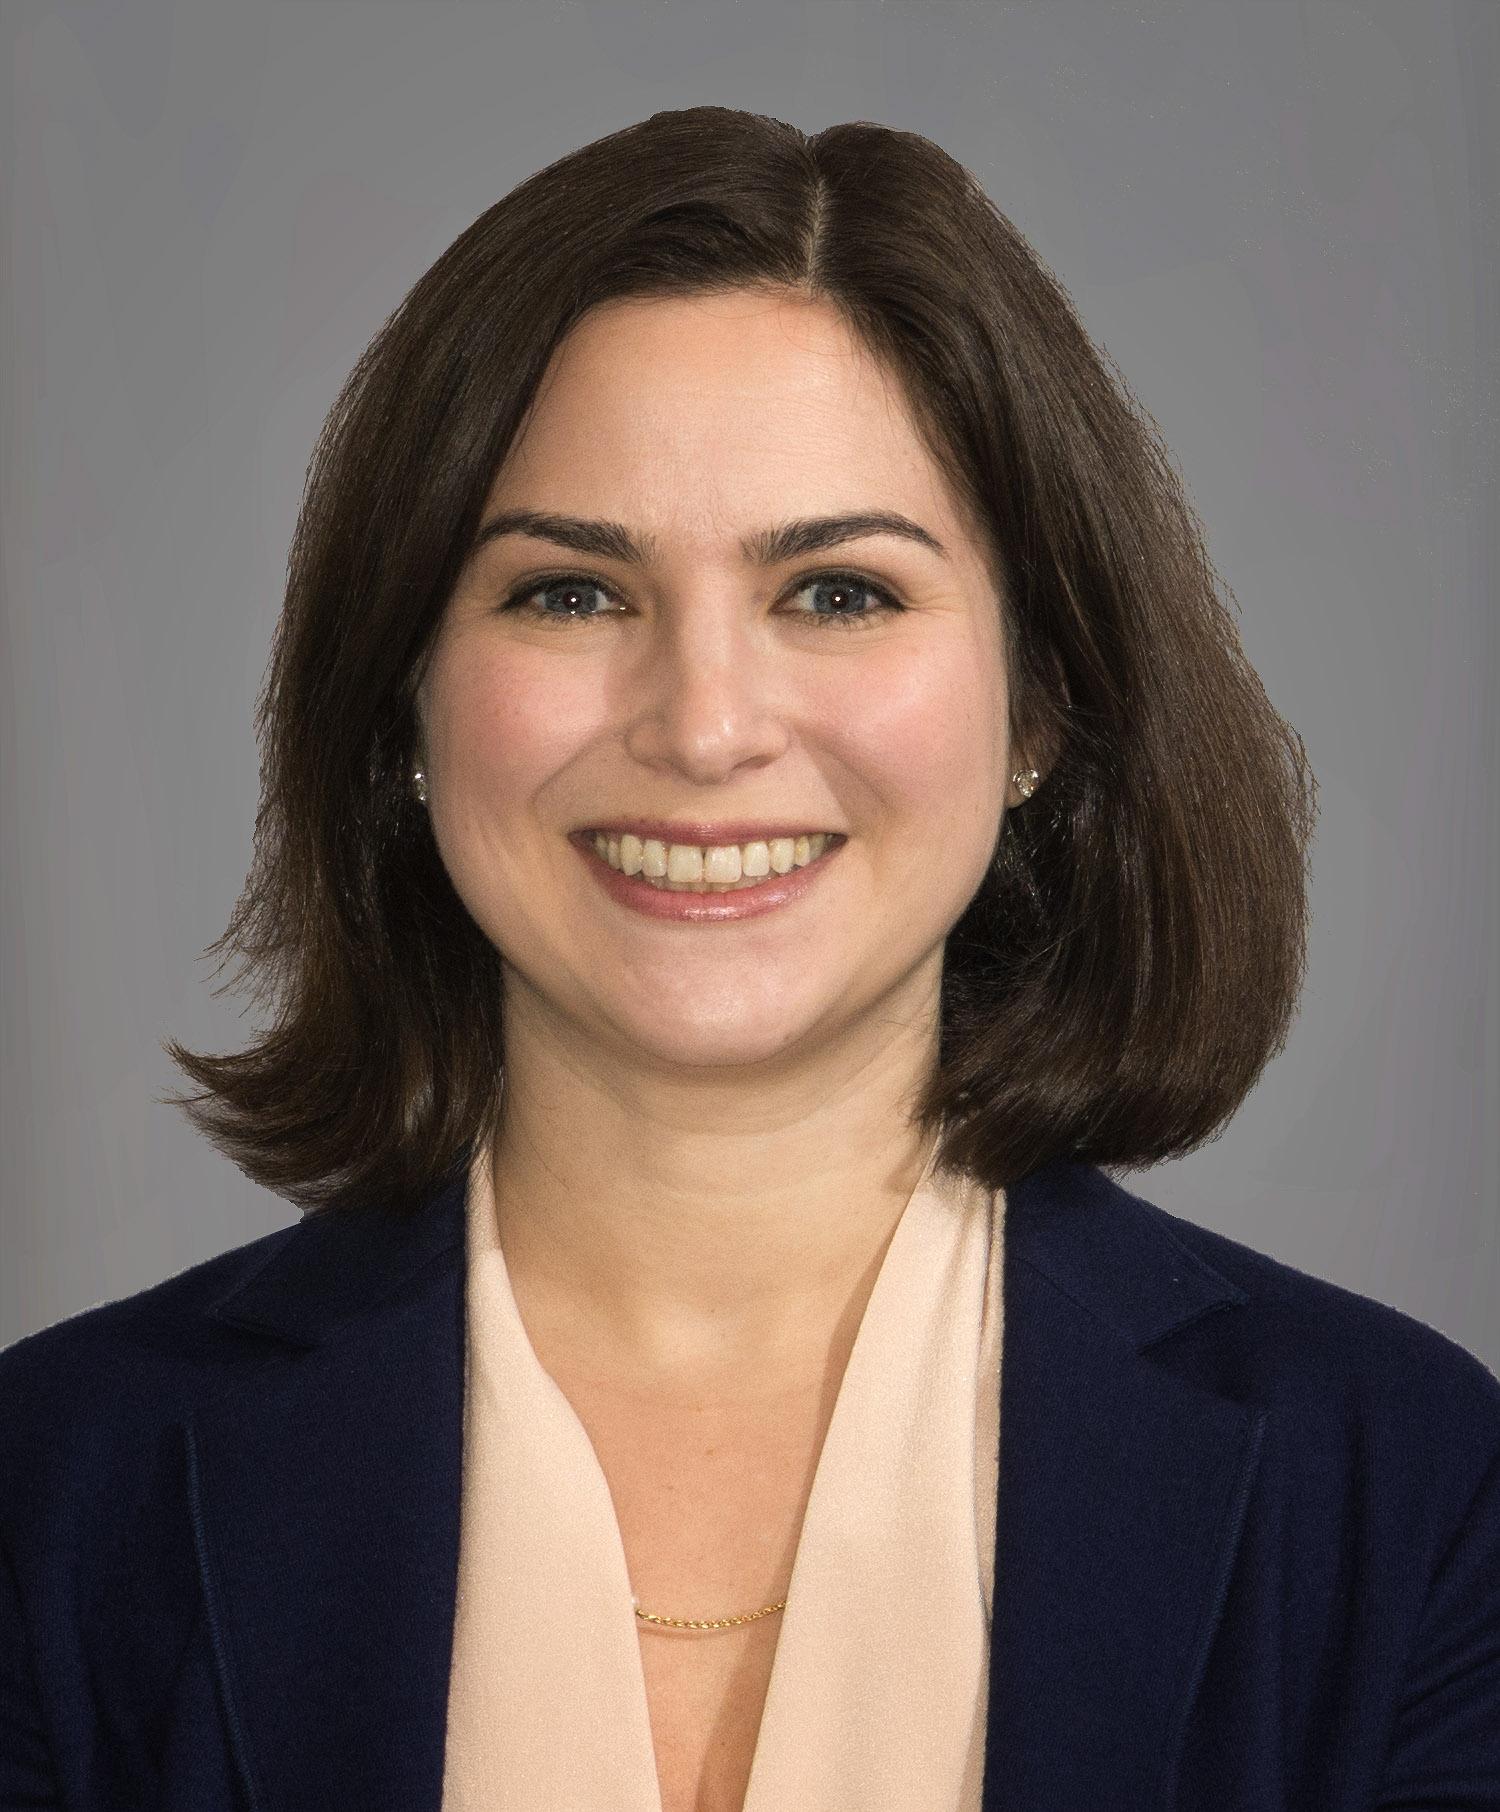 Lauren Emerson, Counsel